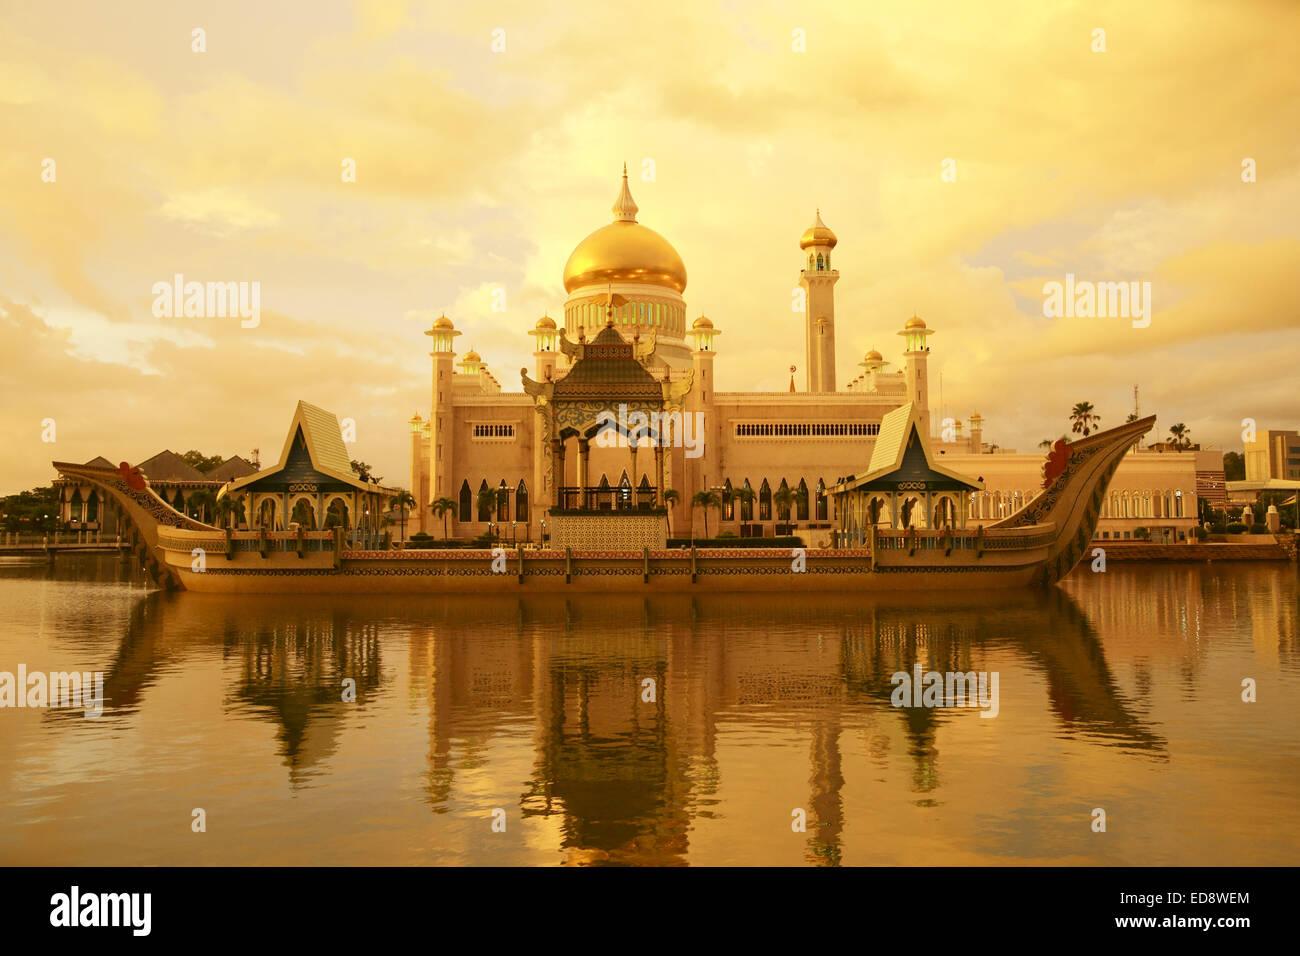 Tramonto su il sultano la Moschea di Omar Ali Saifuddien, una moschea islamica situato in Bandar Seri Begawan, Brunei. Immagini Stock